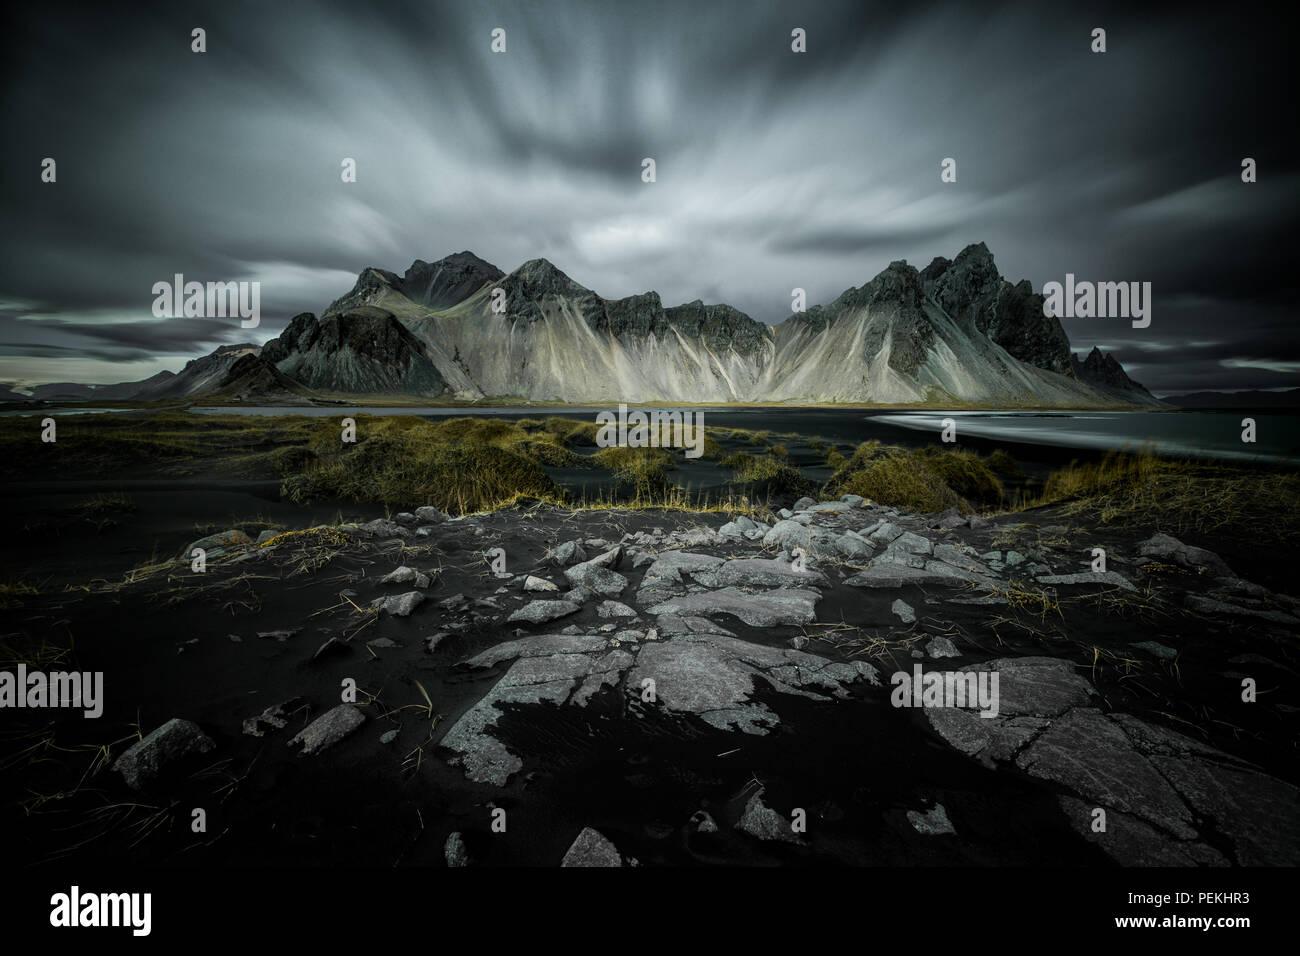 Une longue exposition photo de paysage de montagnes Vestrahorn près de Hofn, Islande Photo Stock